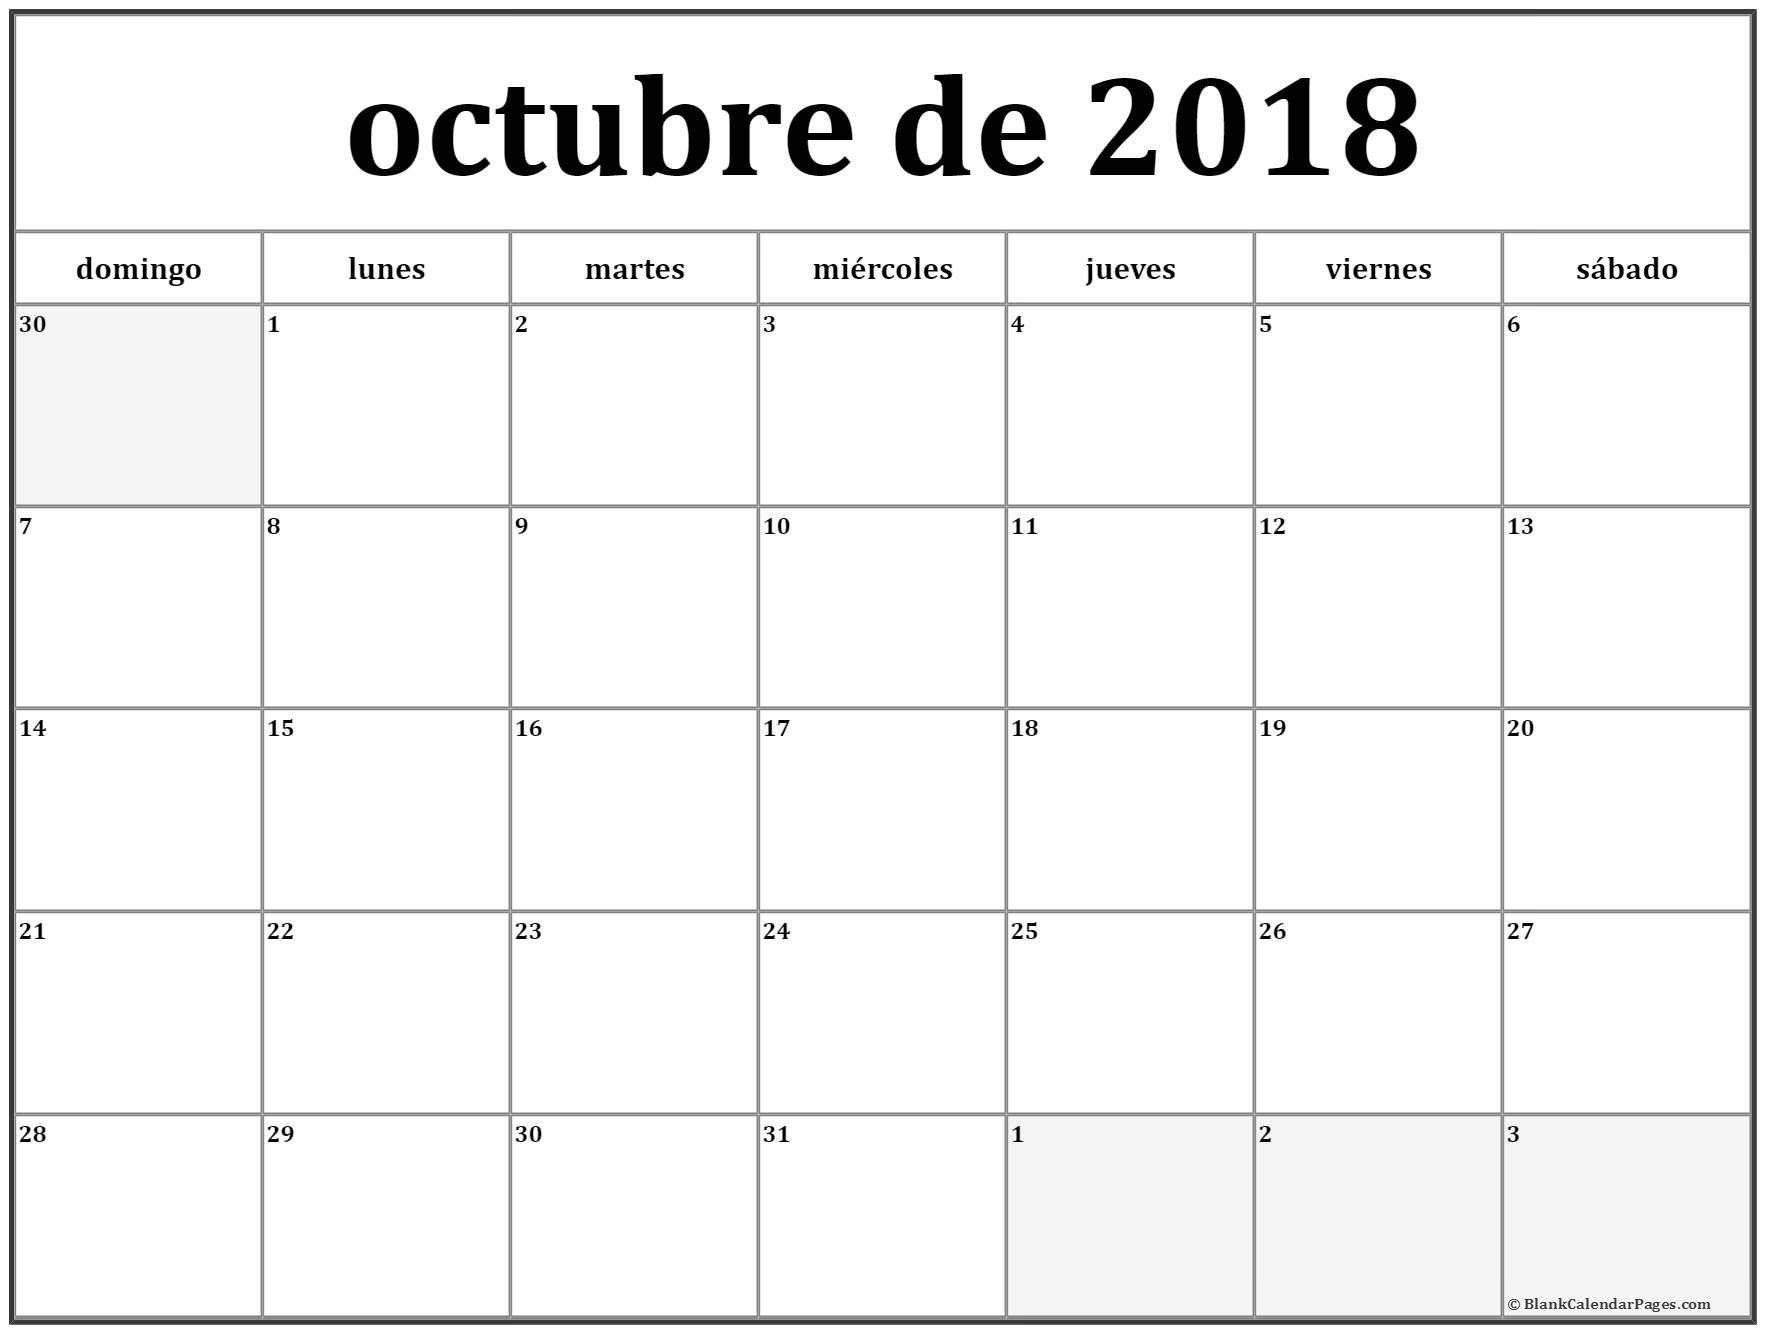 Calendario Enero 2019 Para Imprimir A4 Más Caliente Imagenes De Calendario Mes De Octubre 2018 A Mes De Of Calendario Enero 2019 Para Imprimir A4 Más Reciente Calendario Para Imprimir 2018 2019 Calendario